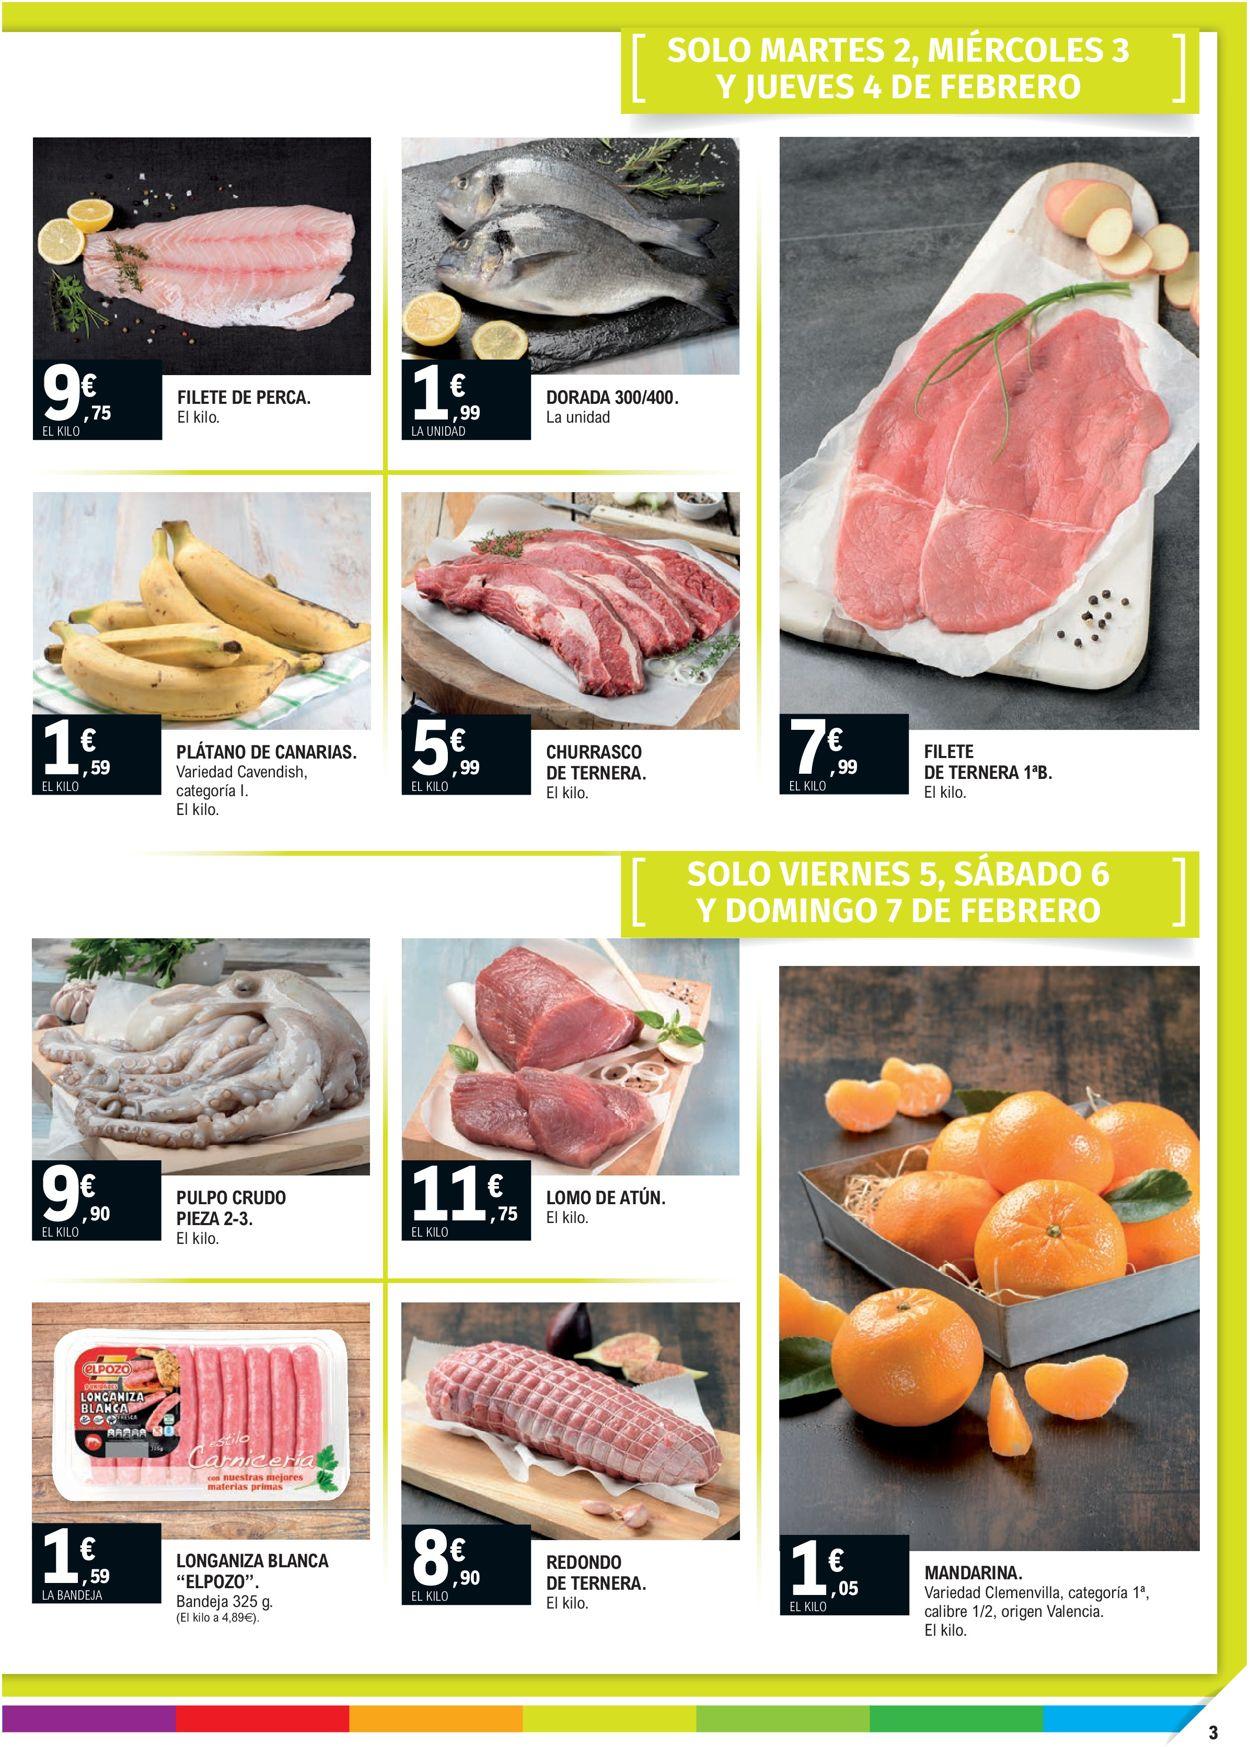 E.leclerc Calidad a precios bajos 2021 Folleto - 27.01-07.02.2021 (Página 3)